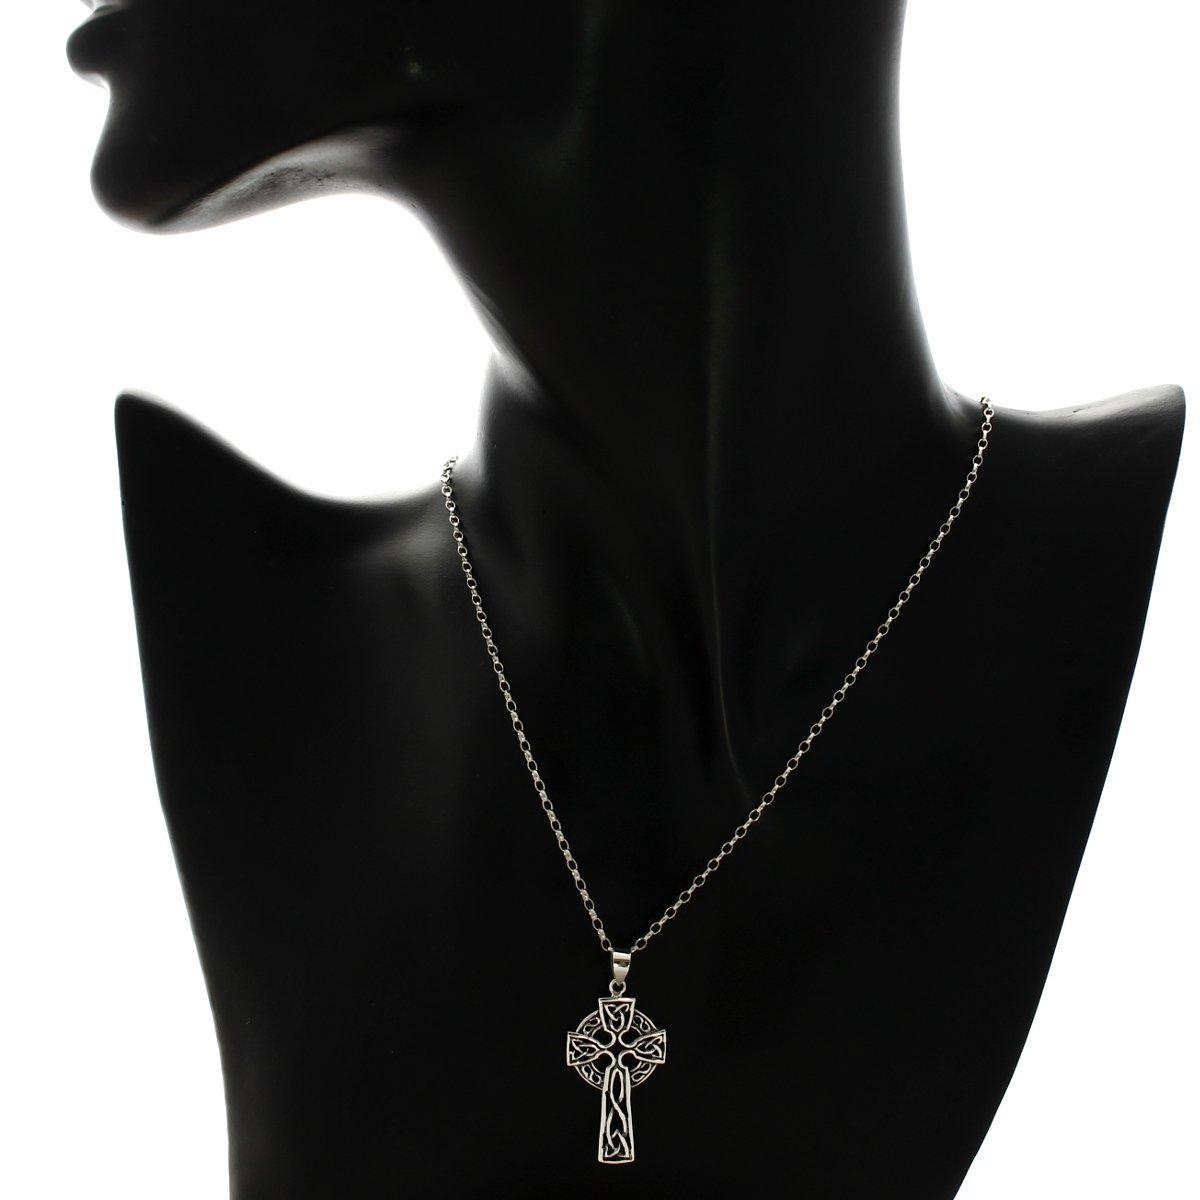 edb53cfff42 Pendentif Croix Celtique en Argent Massif avec Chaîne de 45cm